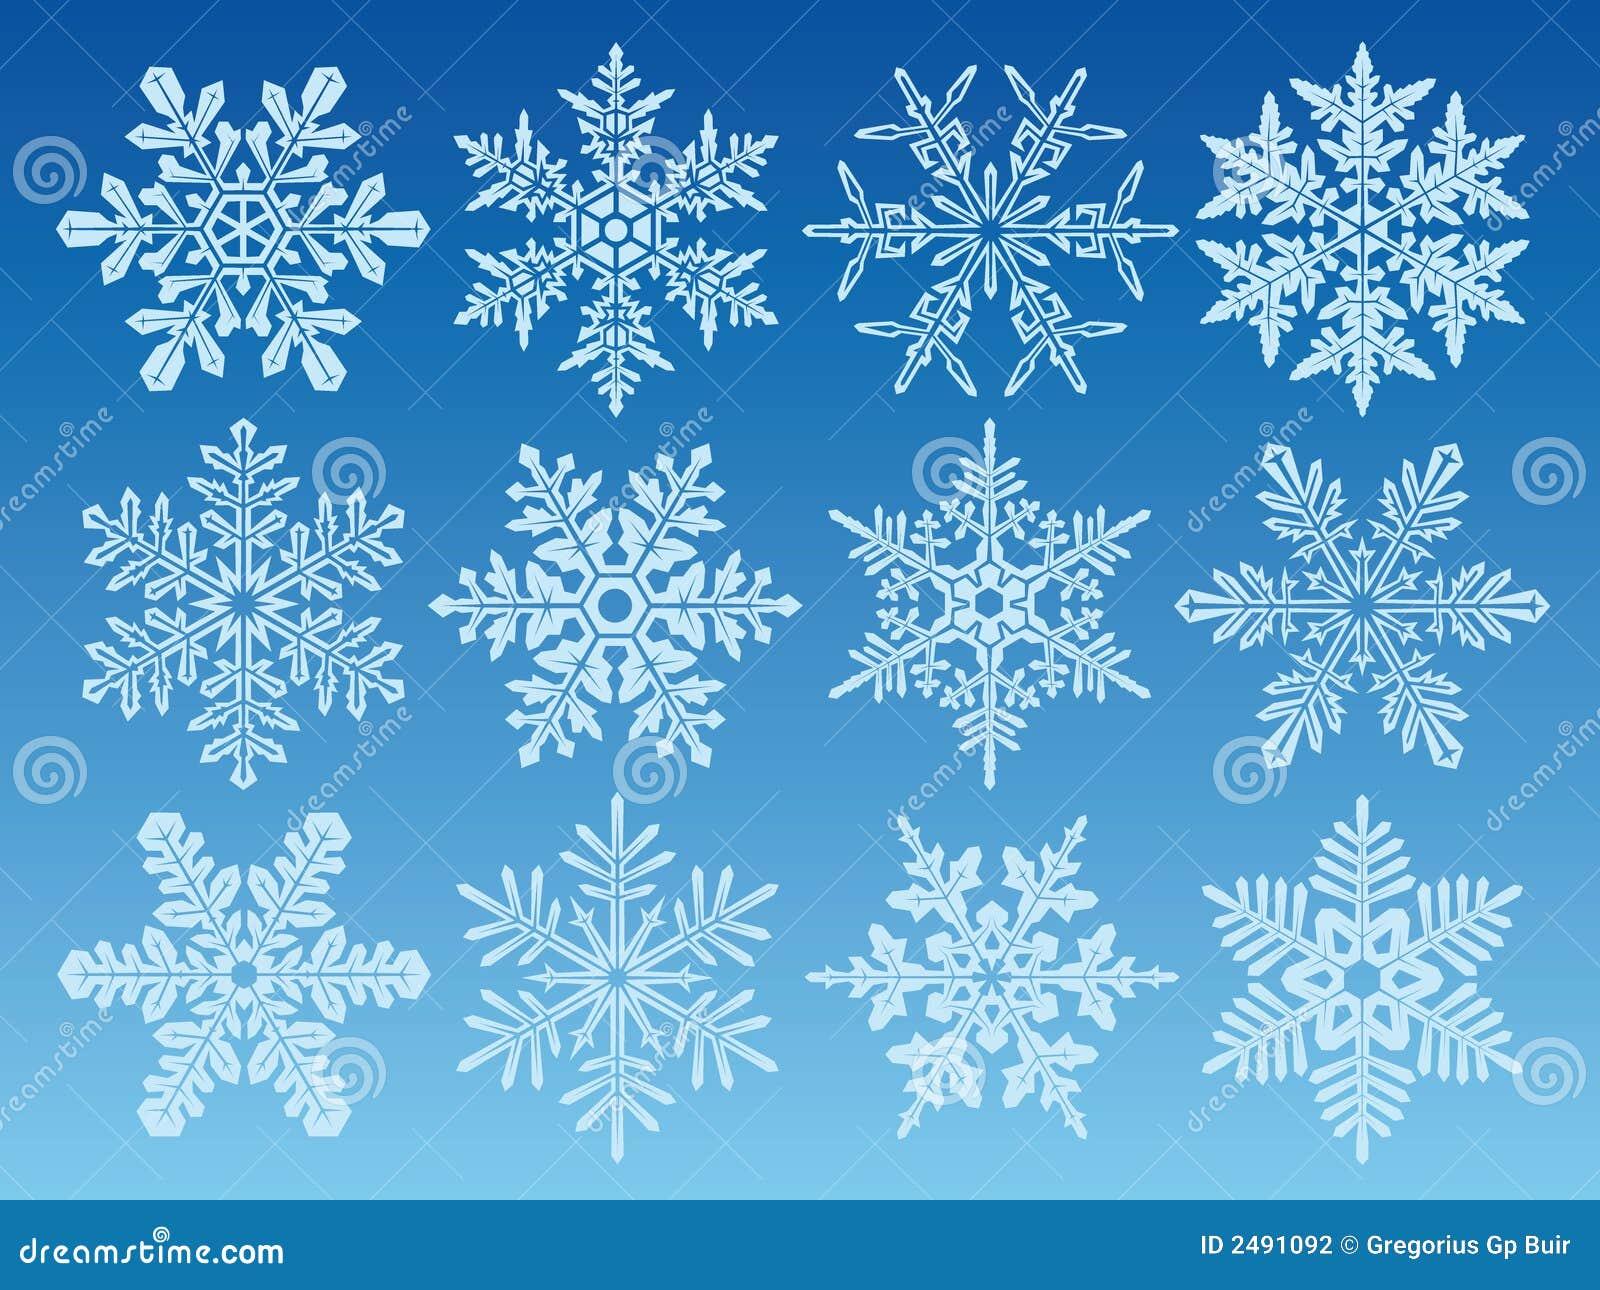 снежинки иконы установленные